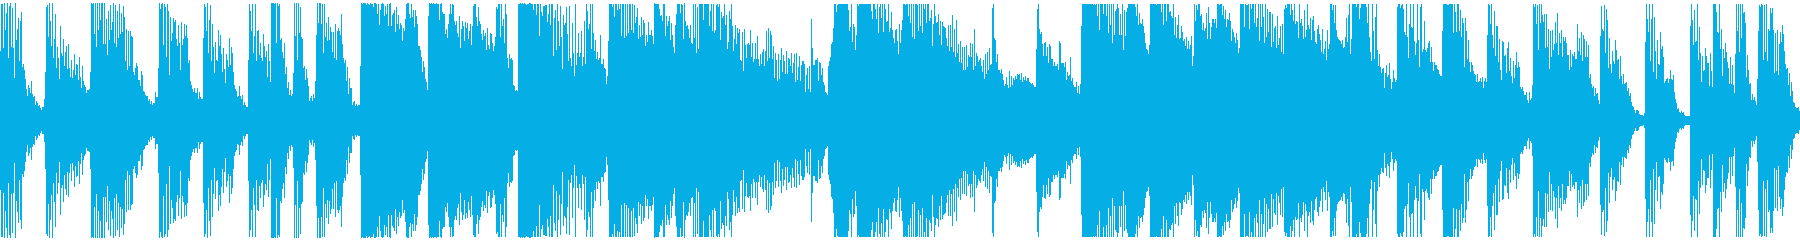 手順説明などルンルンでキャッチーなループの再生済みの波形